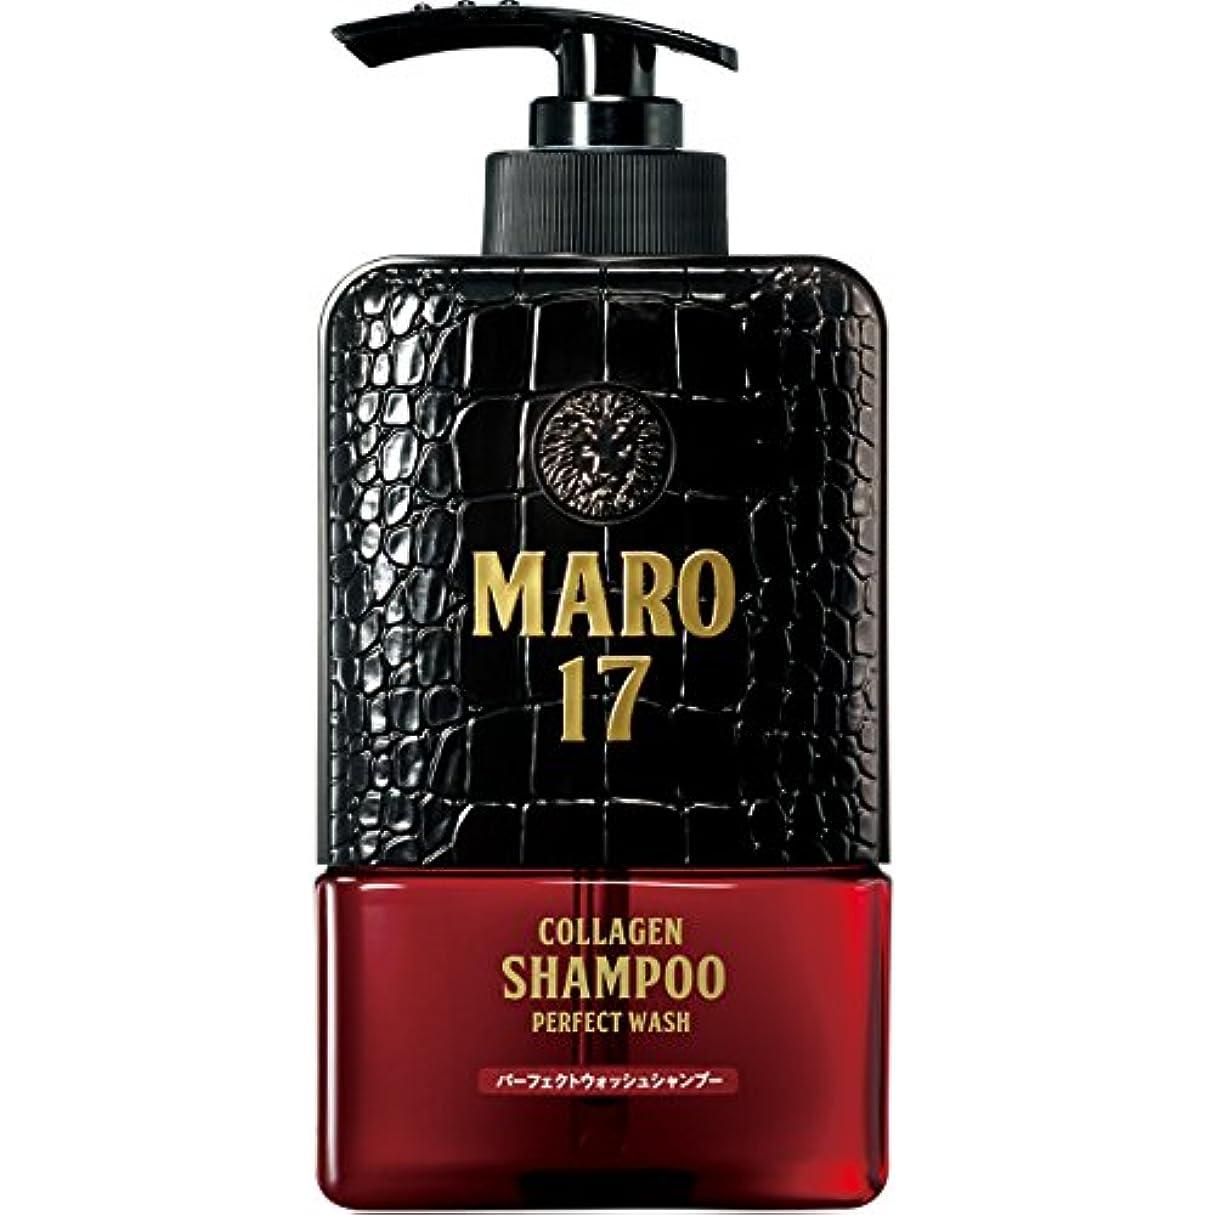 スモッグ値下げ参加するMARO17 コラーゲン シャンプー パーフェクトウォッシュ 350ml